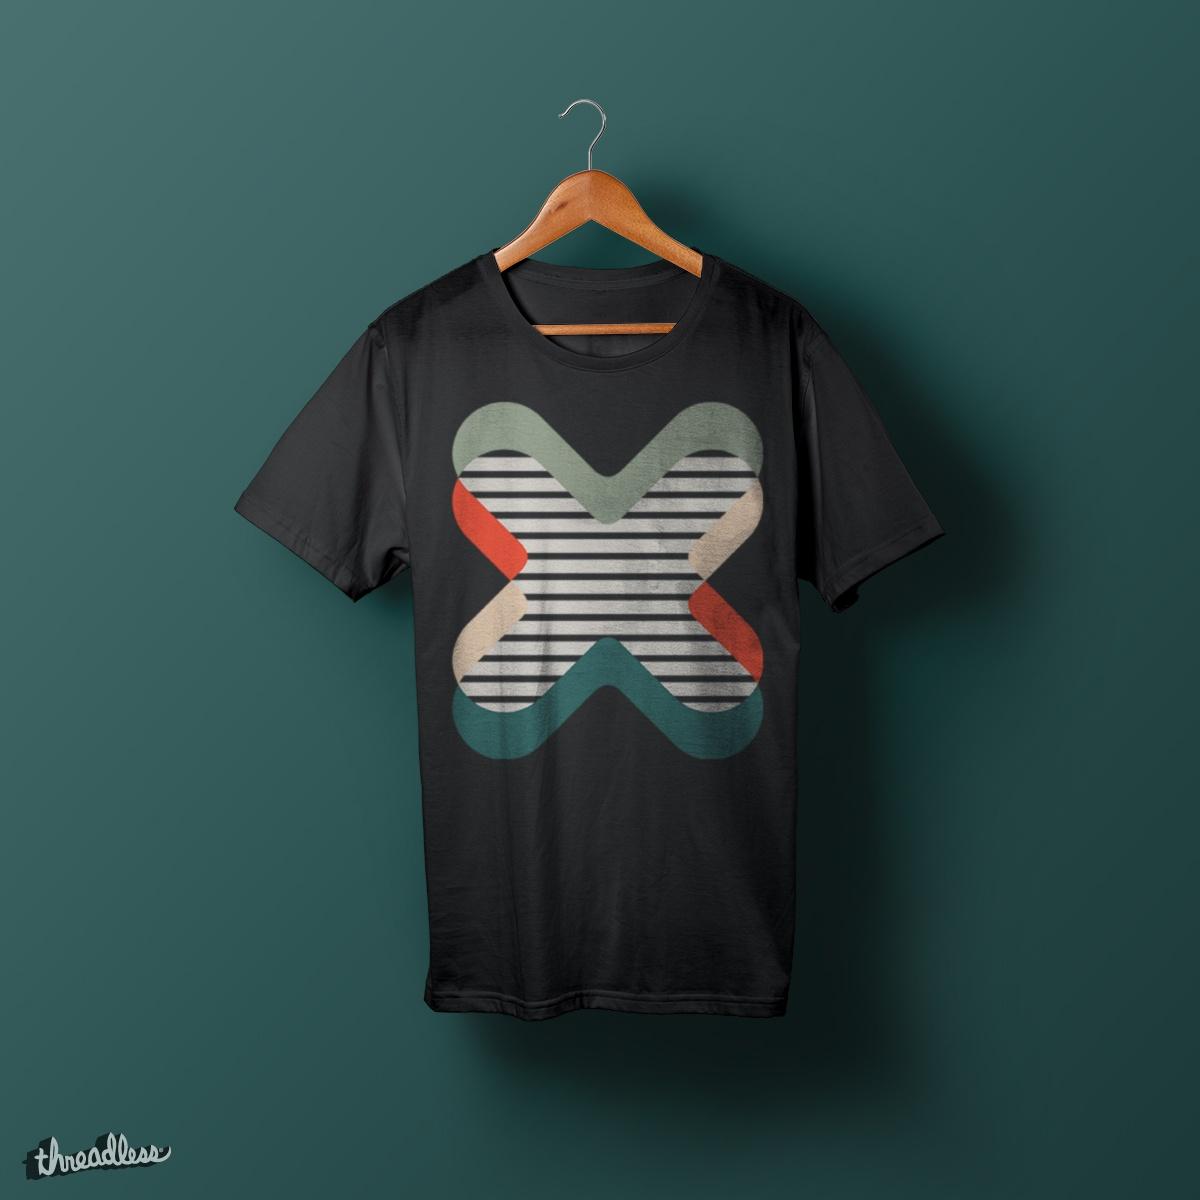 Zinc shirt design - Zinc 7 Fraction By Ip65 On Threadless